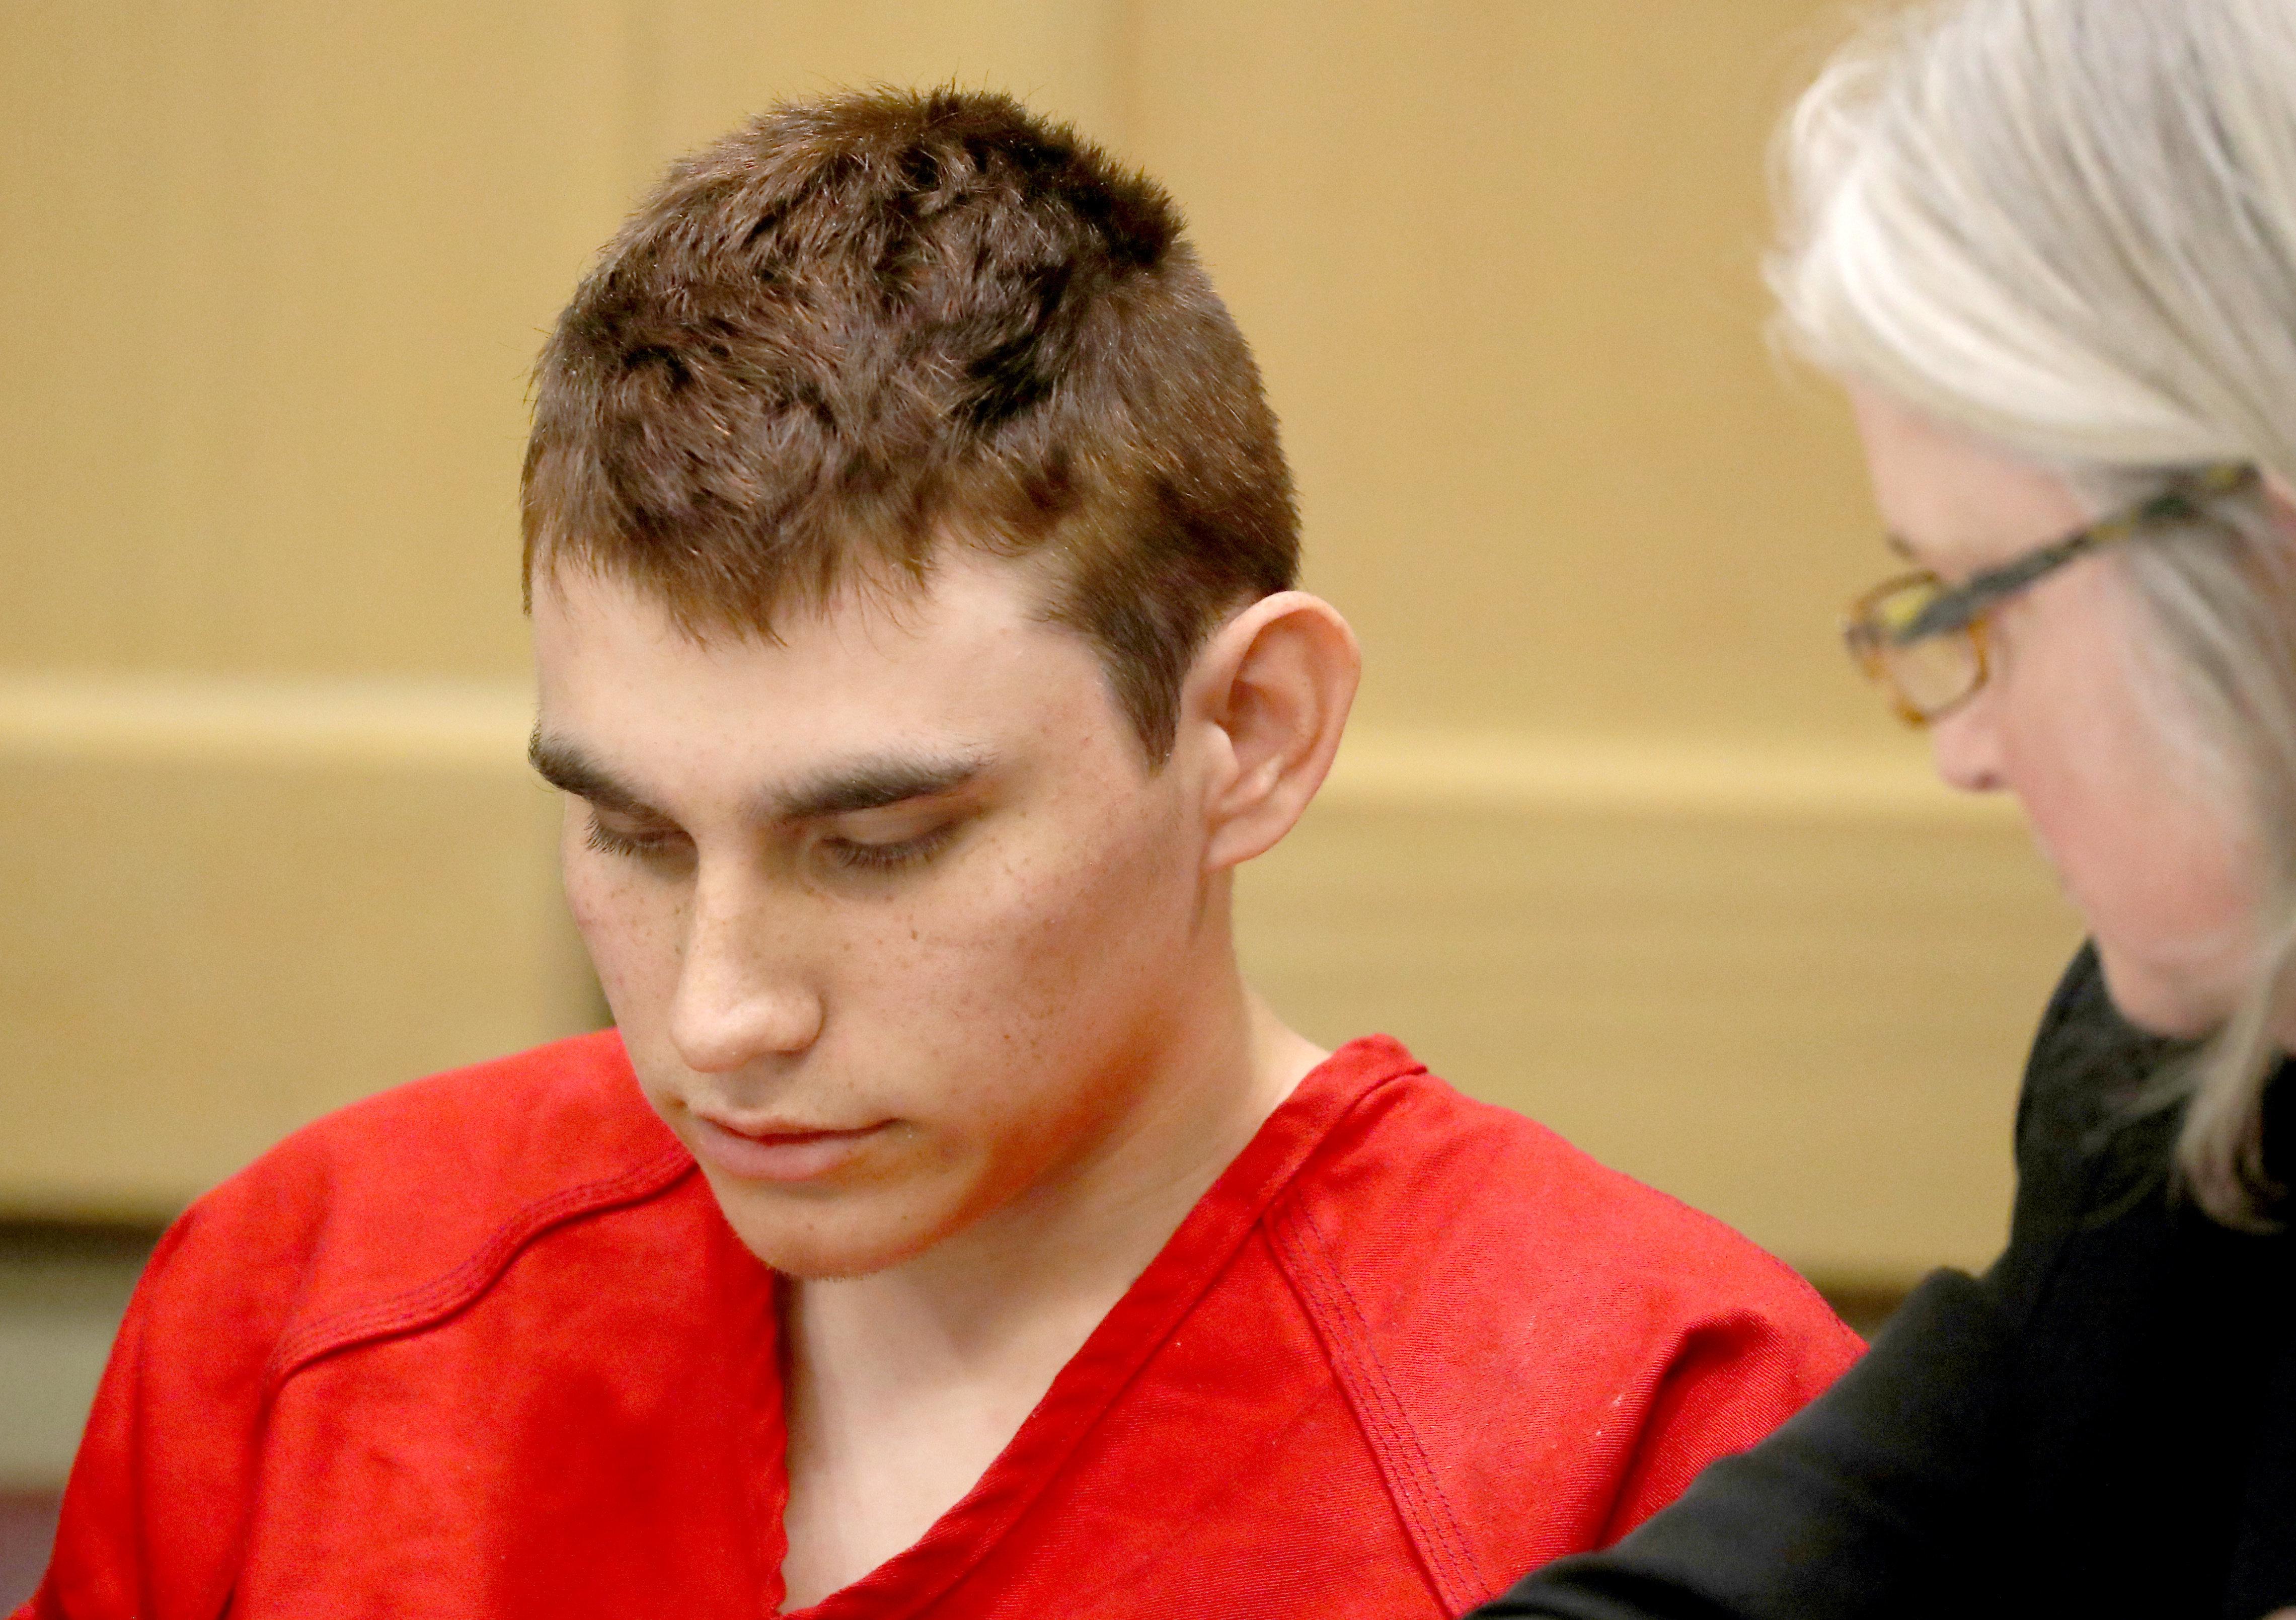 Nikolas Cruz, 19, appears in court in Fort Lauderdale, Florida, on Feb.